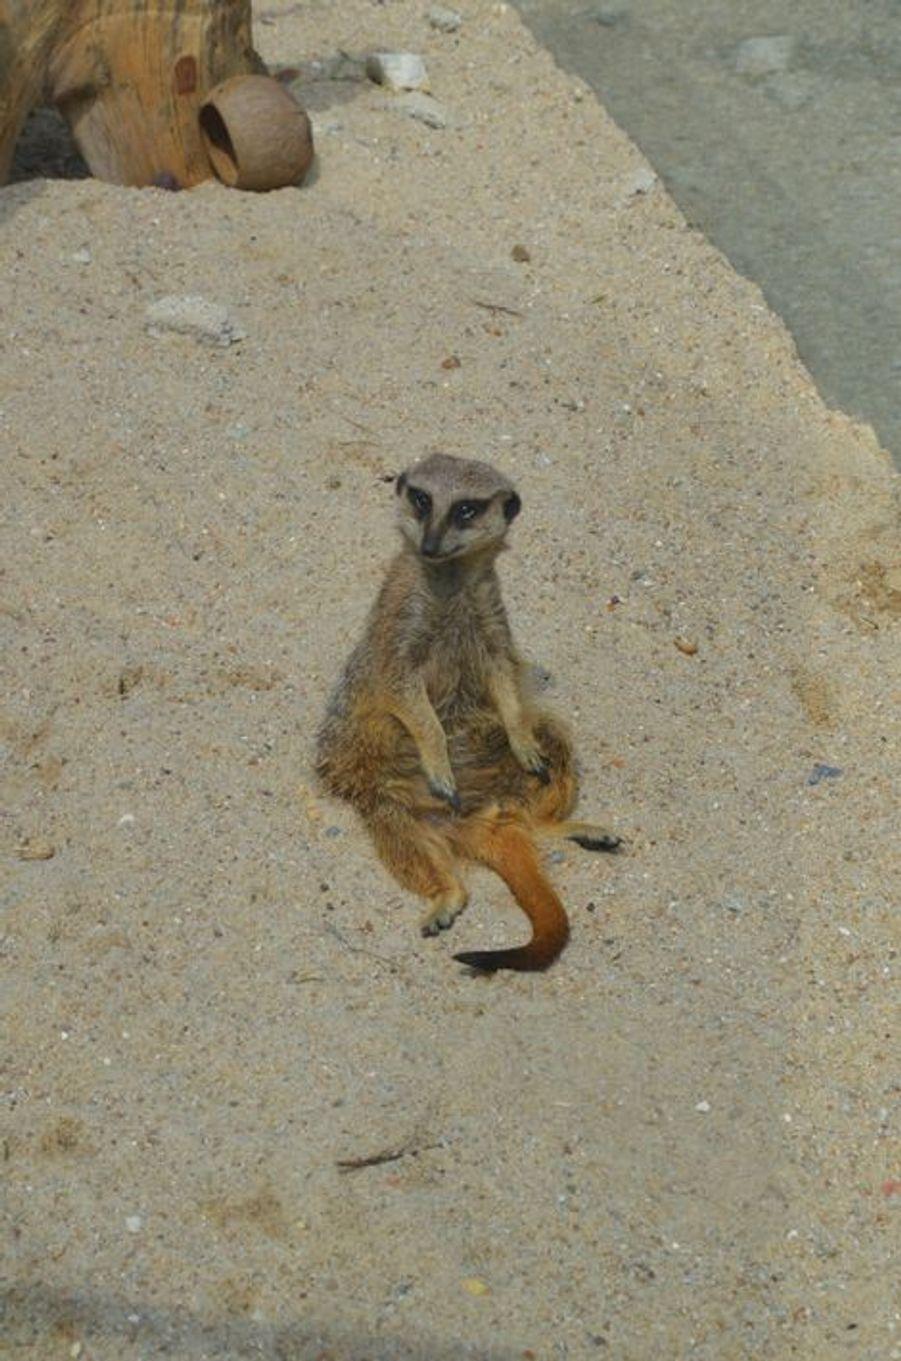 Les suricates sont présents à plusieurs endroits du parc